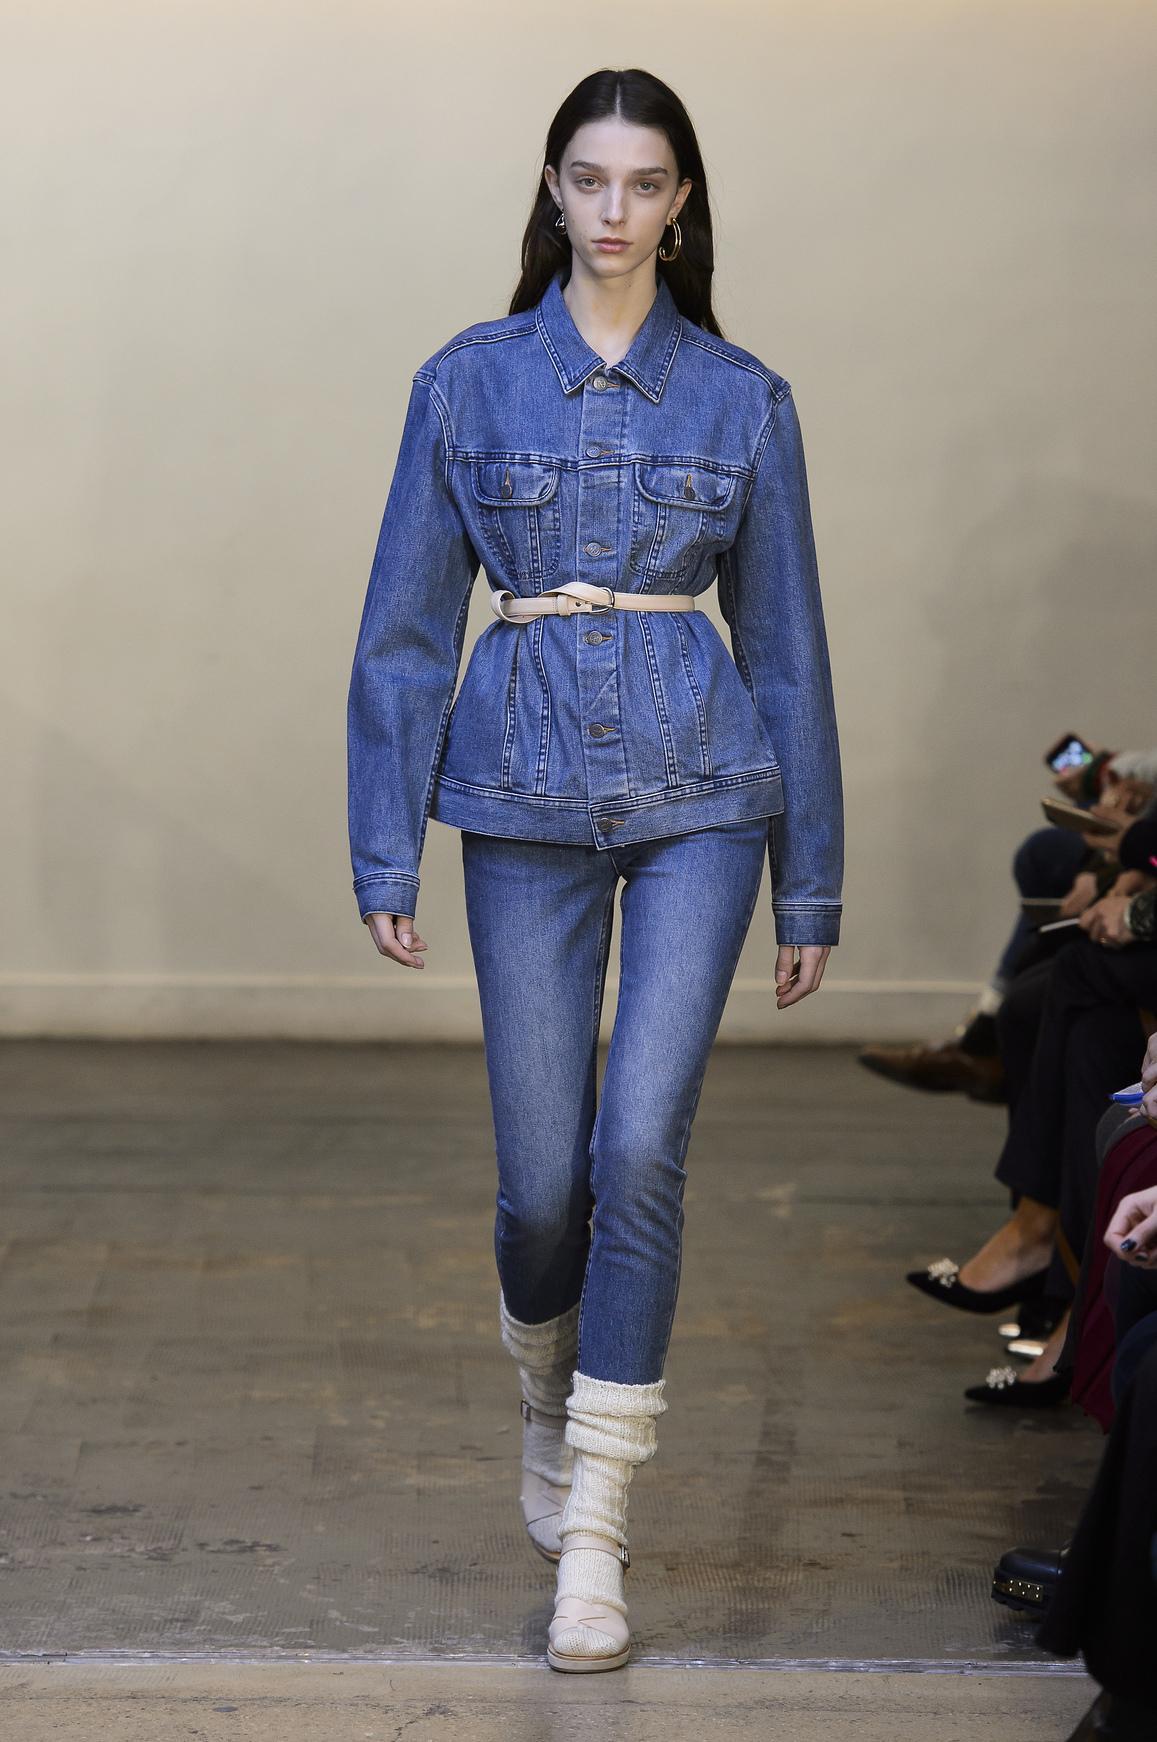 Veste Tendance Femme se rapportant à veste en jean femme tendance 2018 – site de vêtements en jean à la mode